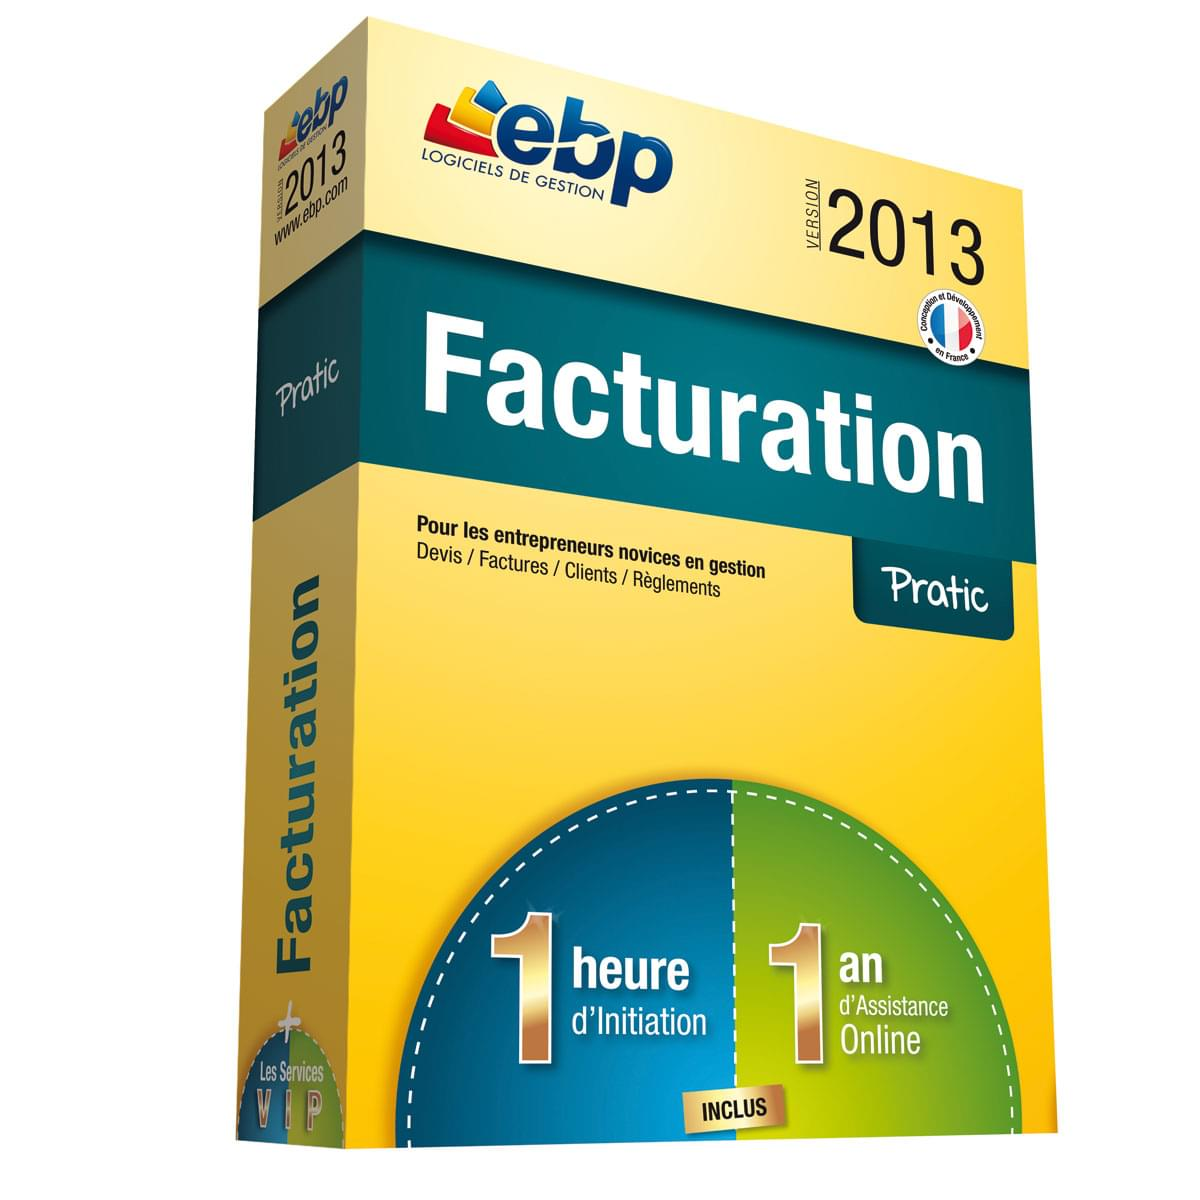 EBP Facturation Pratic 2013 + Services VIP - Logiciel application - 0